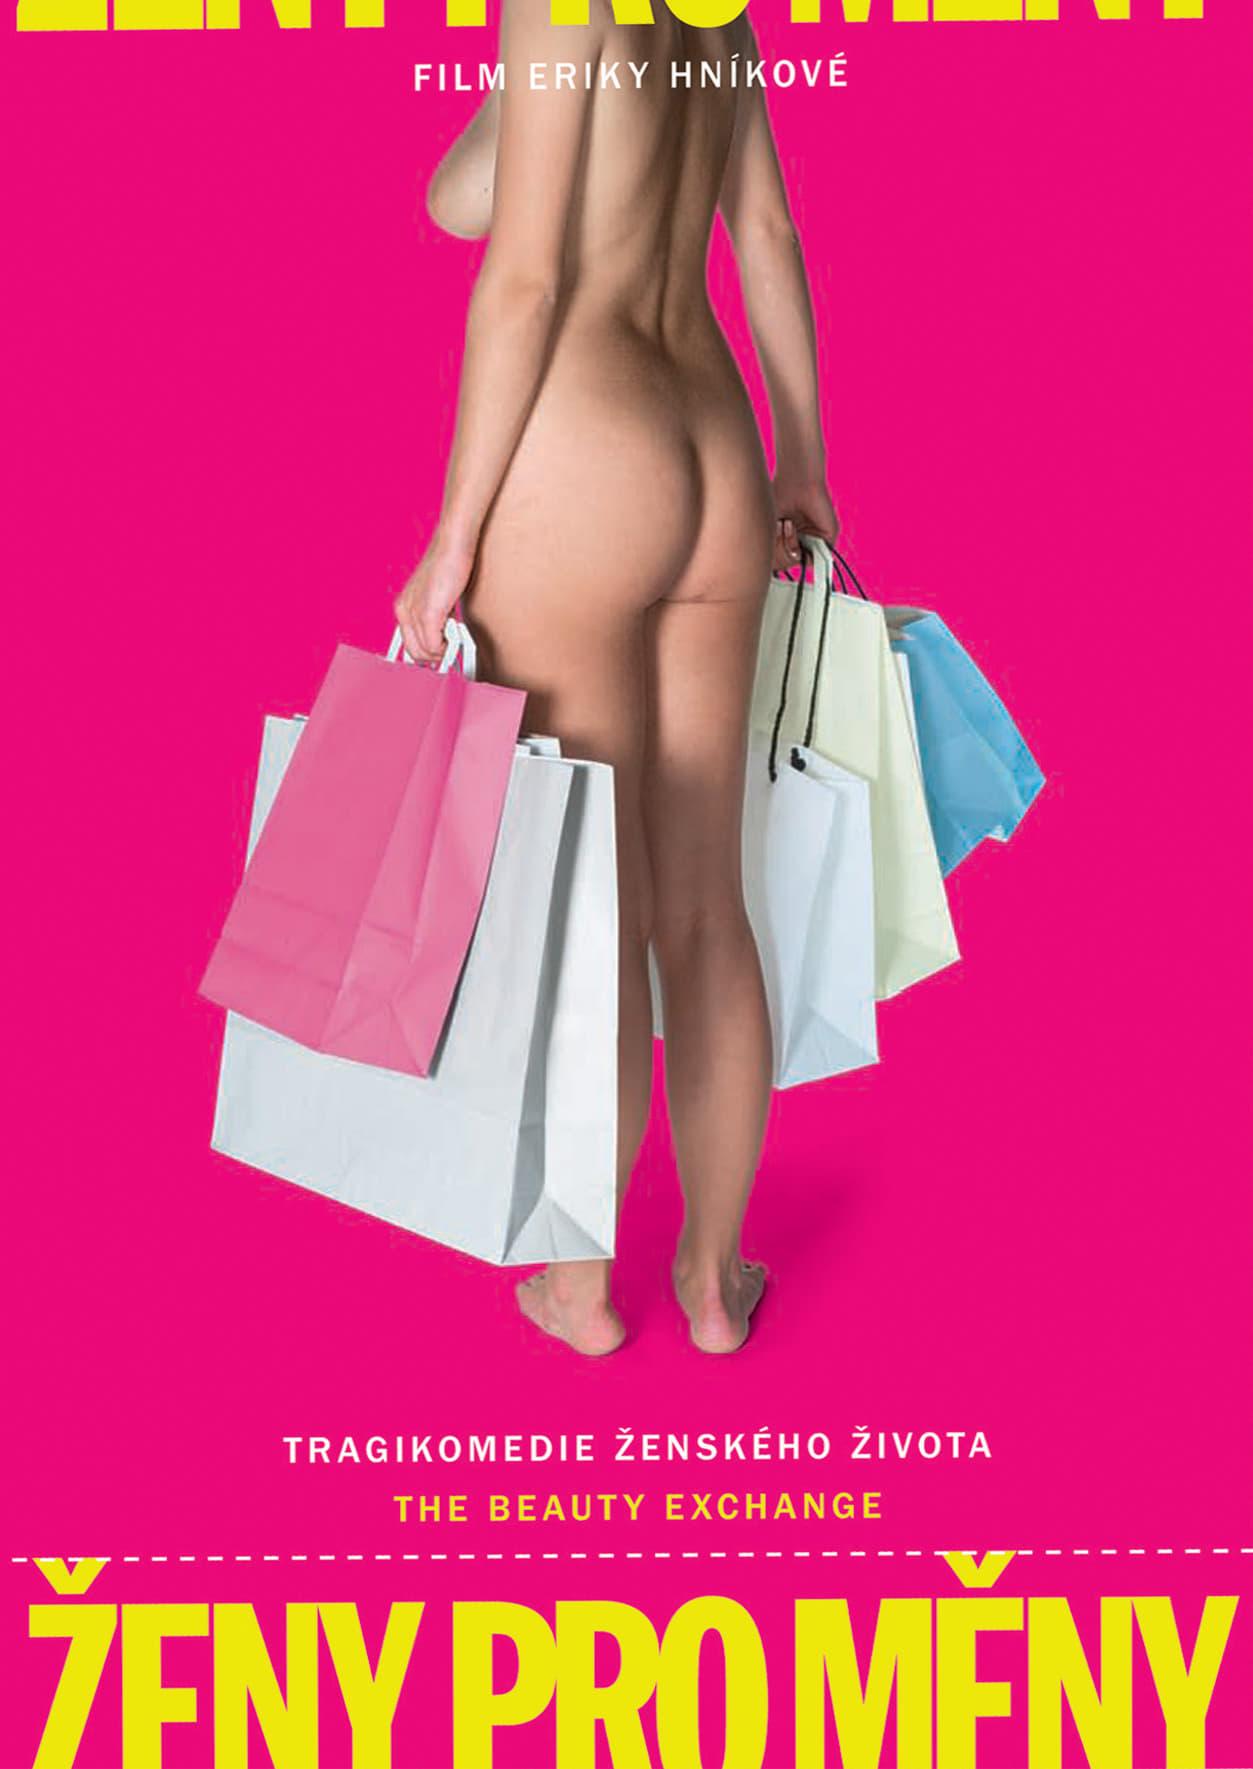 The Beauty Exchange (2004)